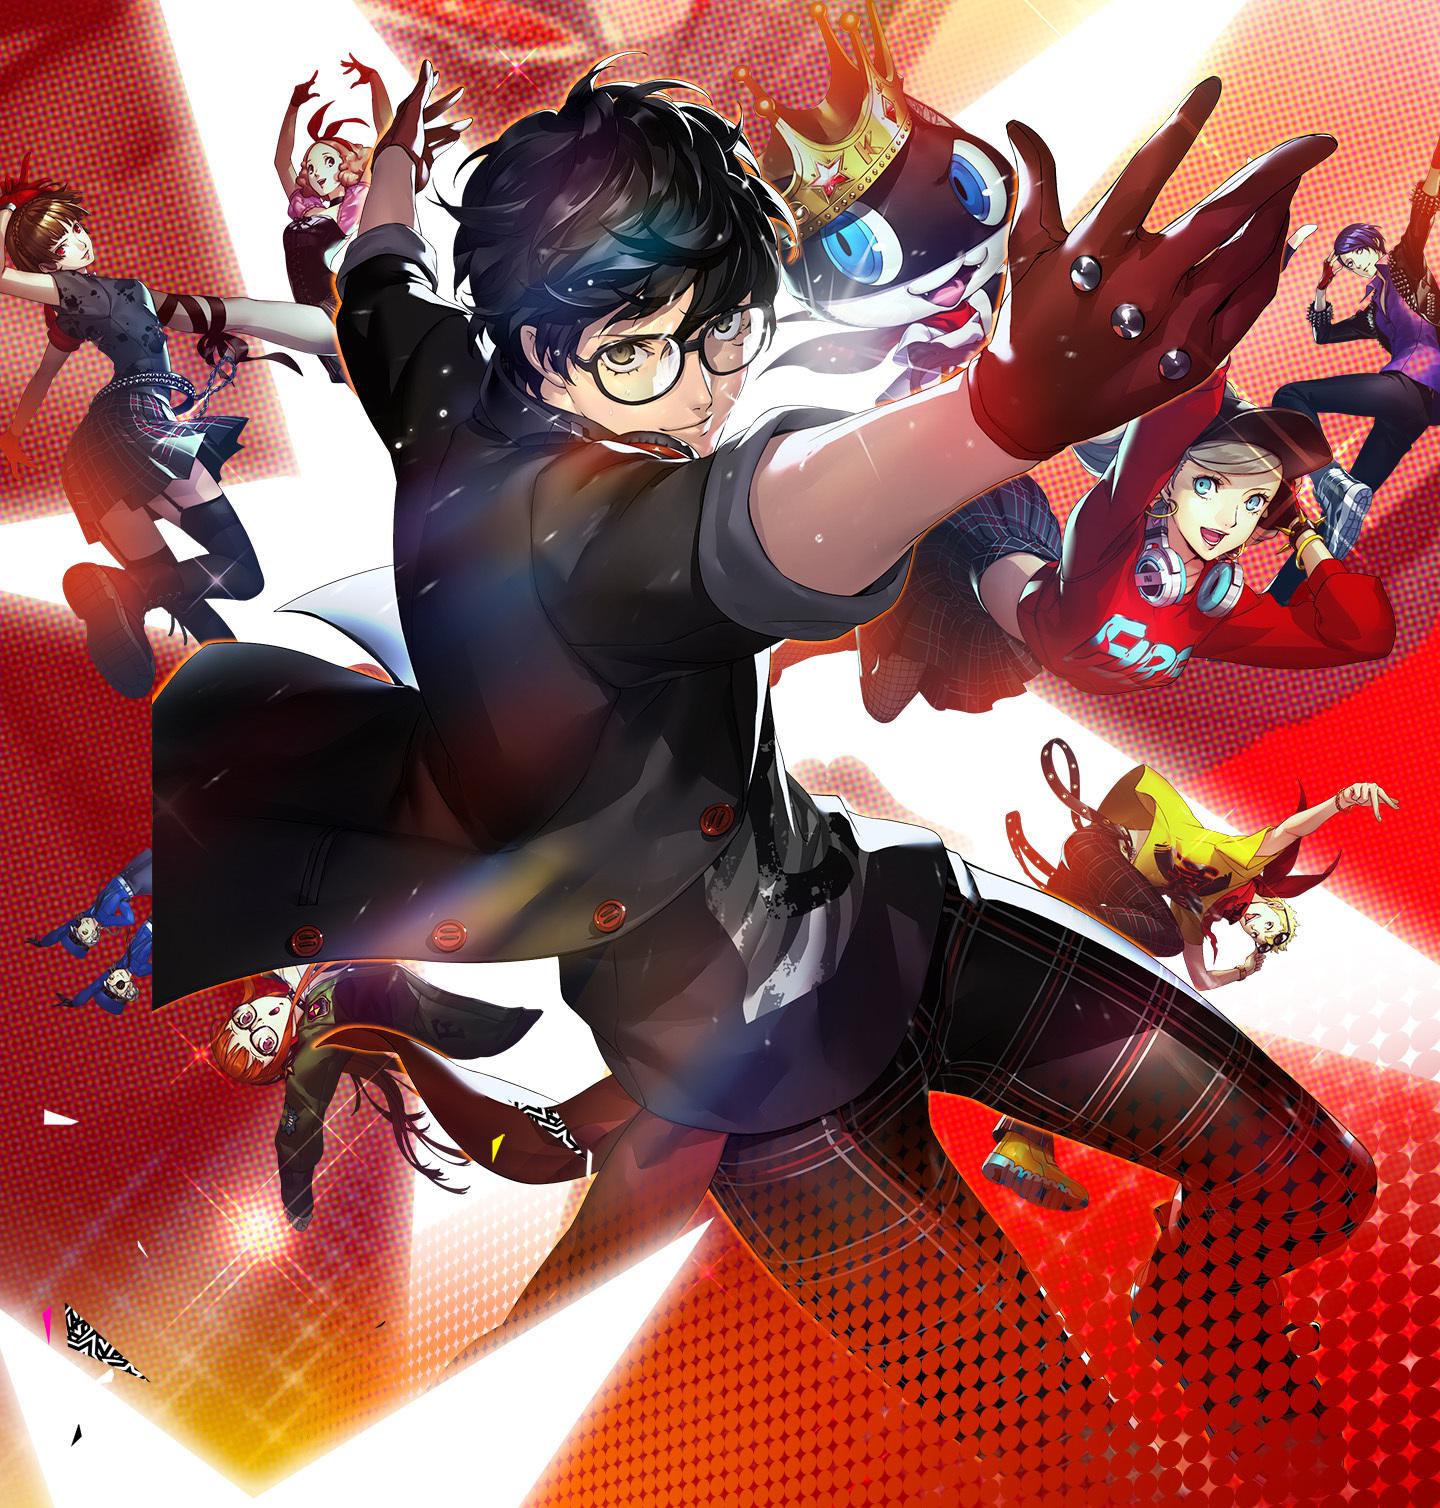 Persona 5: Dancing in Starlight | Megami Tensei Wiki